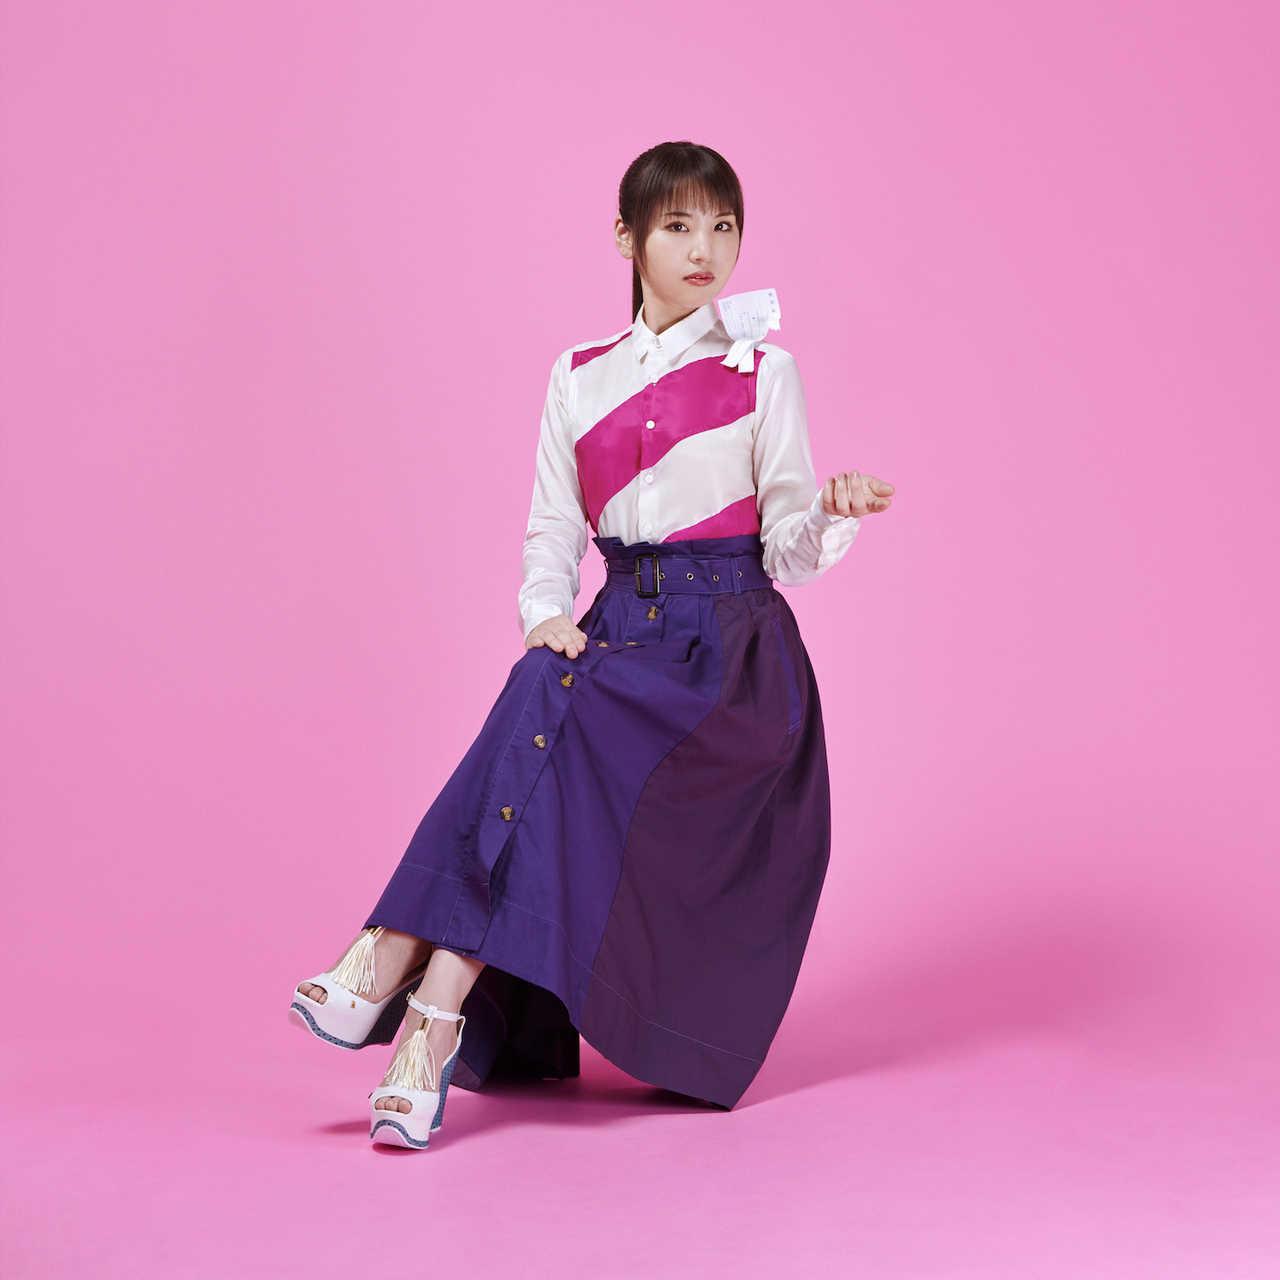 阿部真央、1/22にオリジナルアルバム発売決定!ティザー映像も公開!